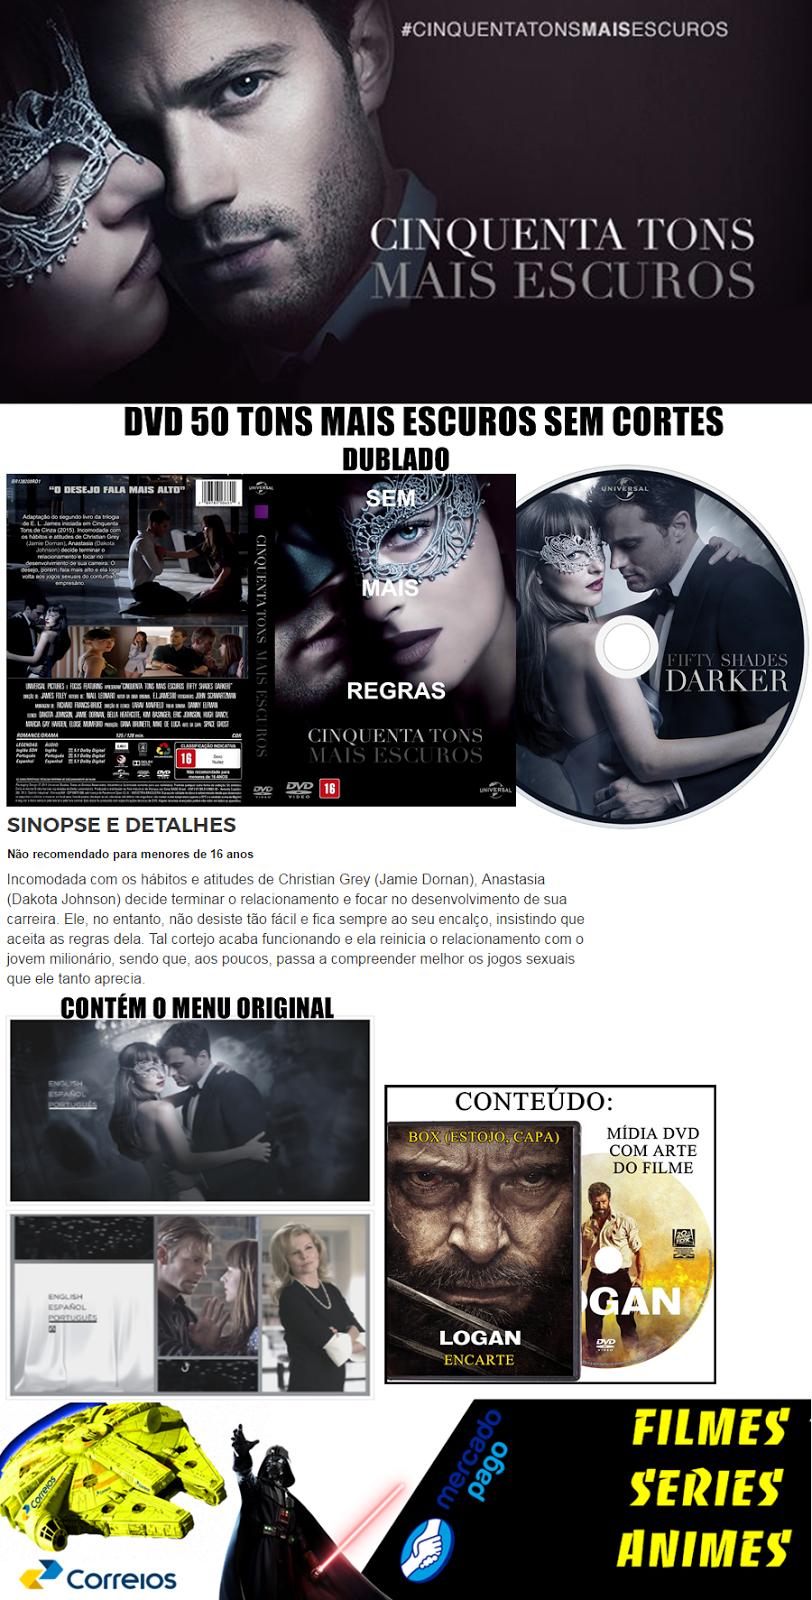 50 Tons Mais Escuros Filme Completo Dublado Completo teste: 2017